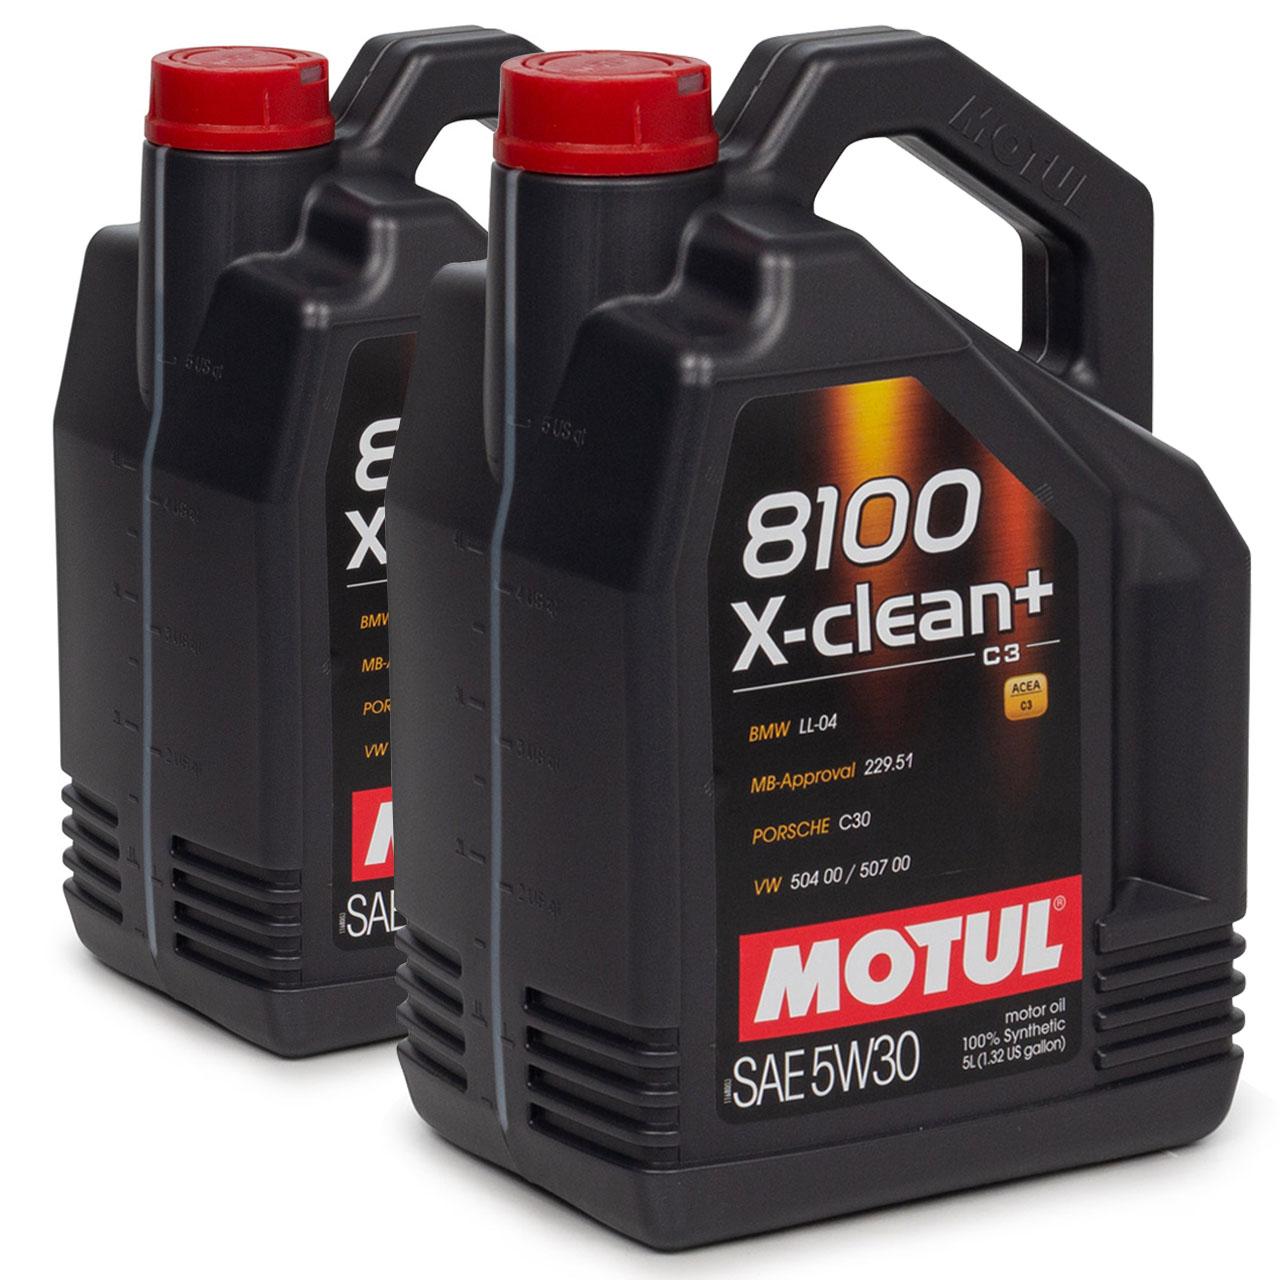 MOTUL 8100 X-clean+ C3 Motoröl Öl 5W30 BMW LL04 MB 229.51 VW 504/507.00 10 Liter